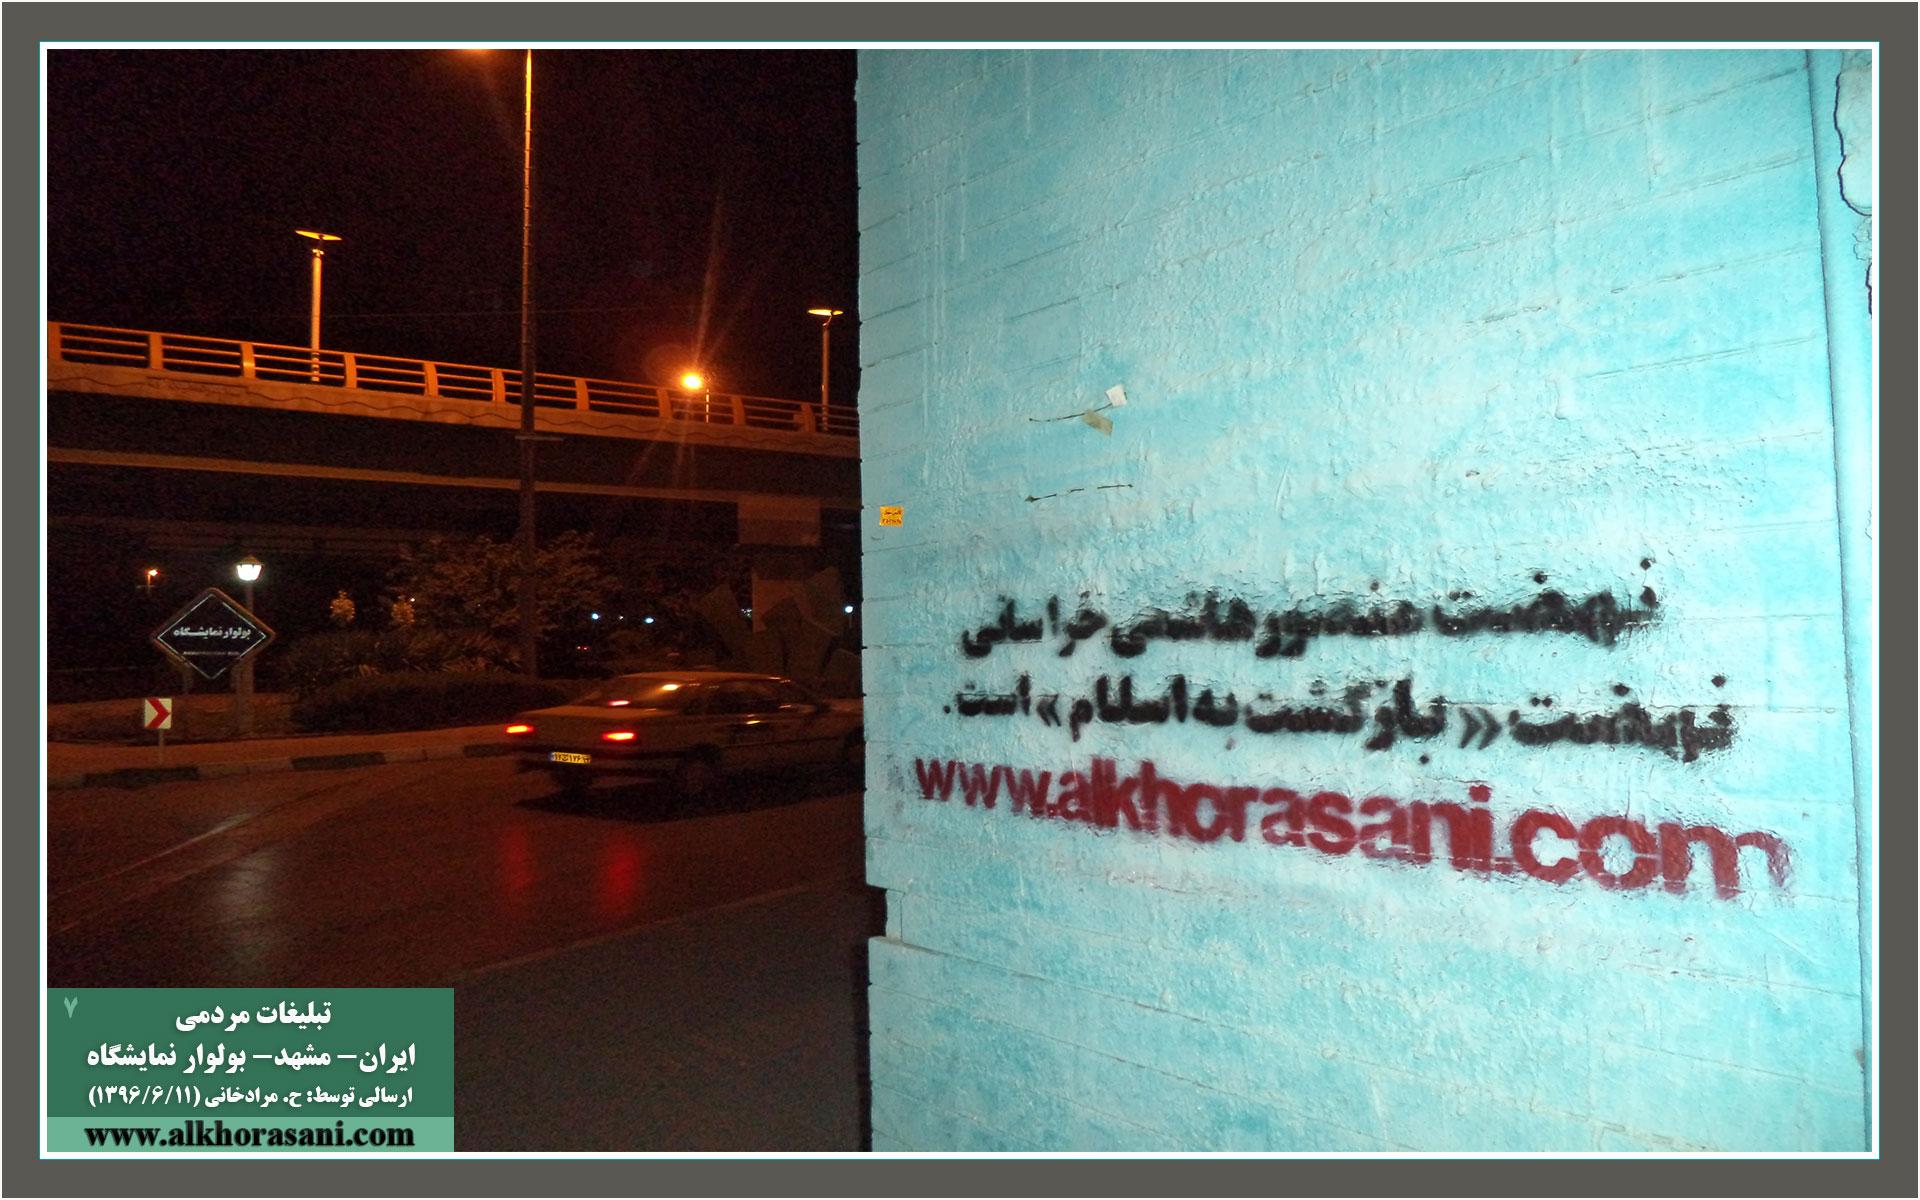 نهضت بازگشت به اسلام؛ مشهد